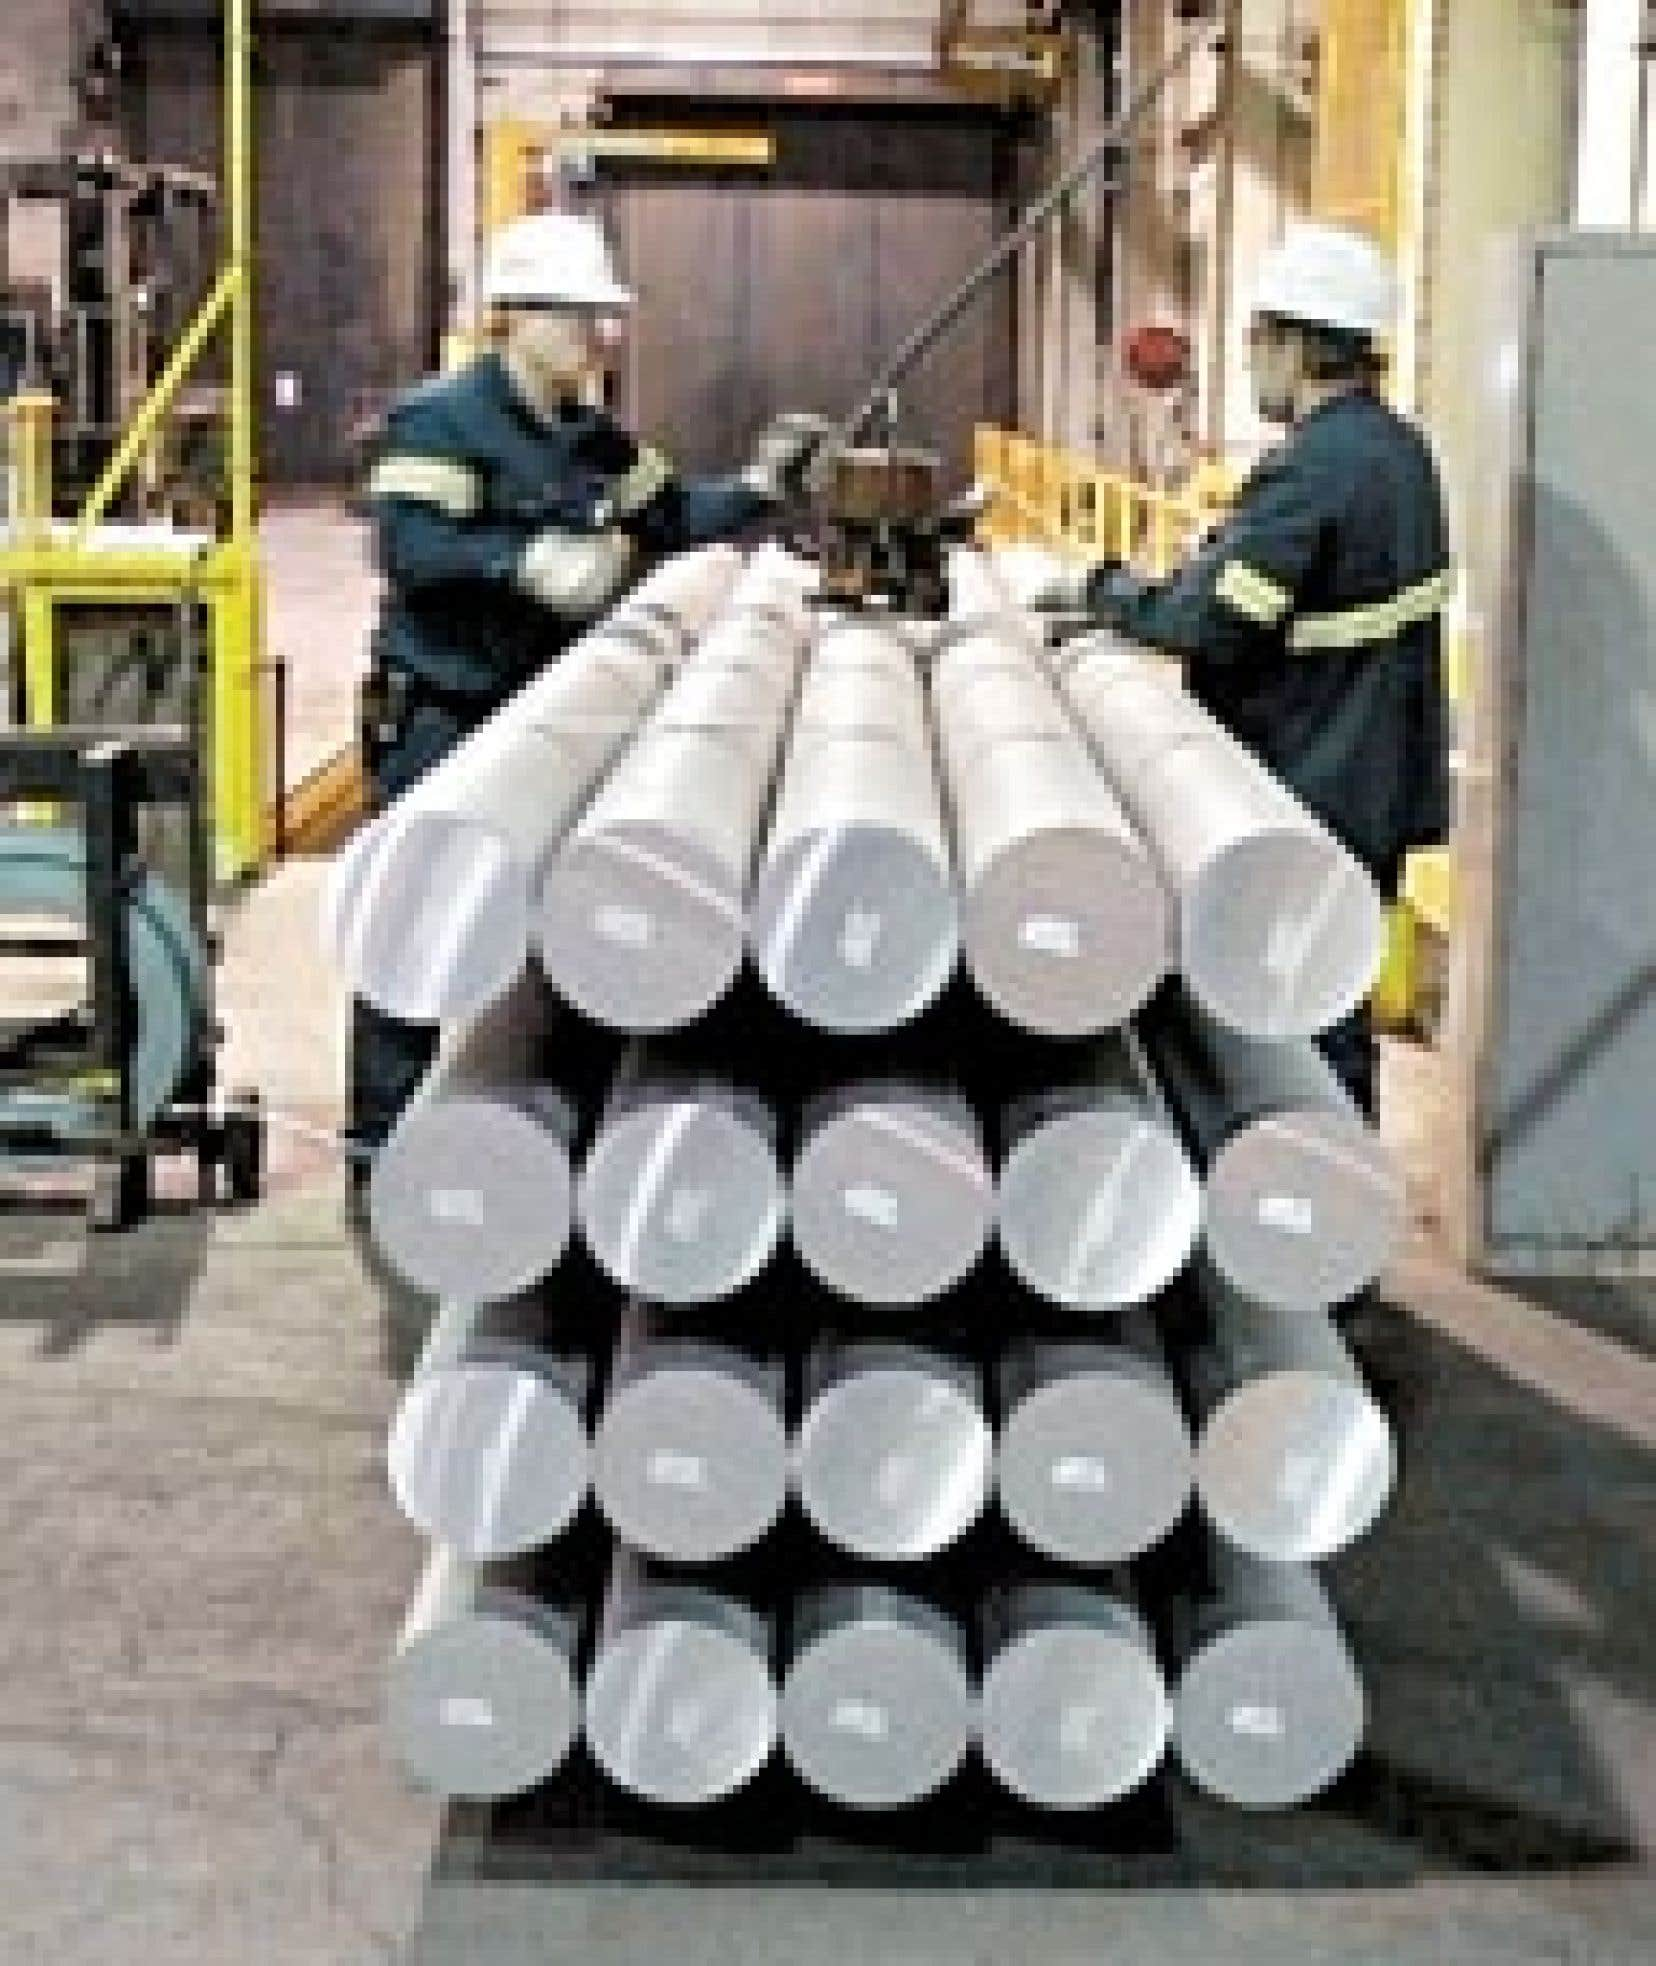 L'industrie de l'aluminium veut accroître sa présence dans les appels d'offres portant sur les infrastructures publiques.